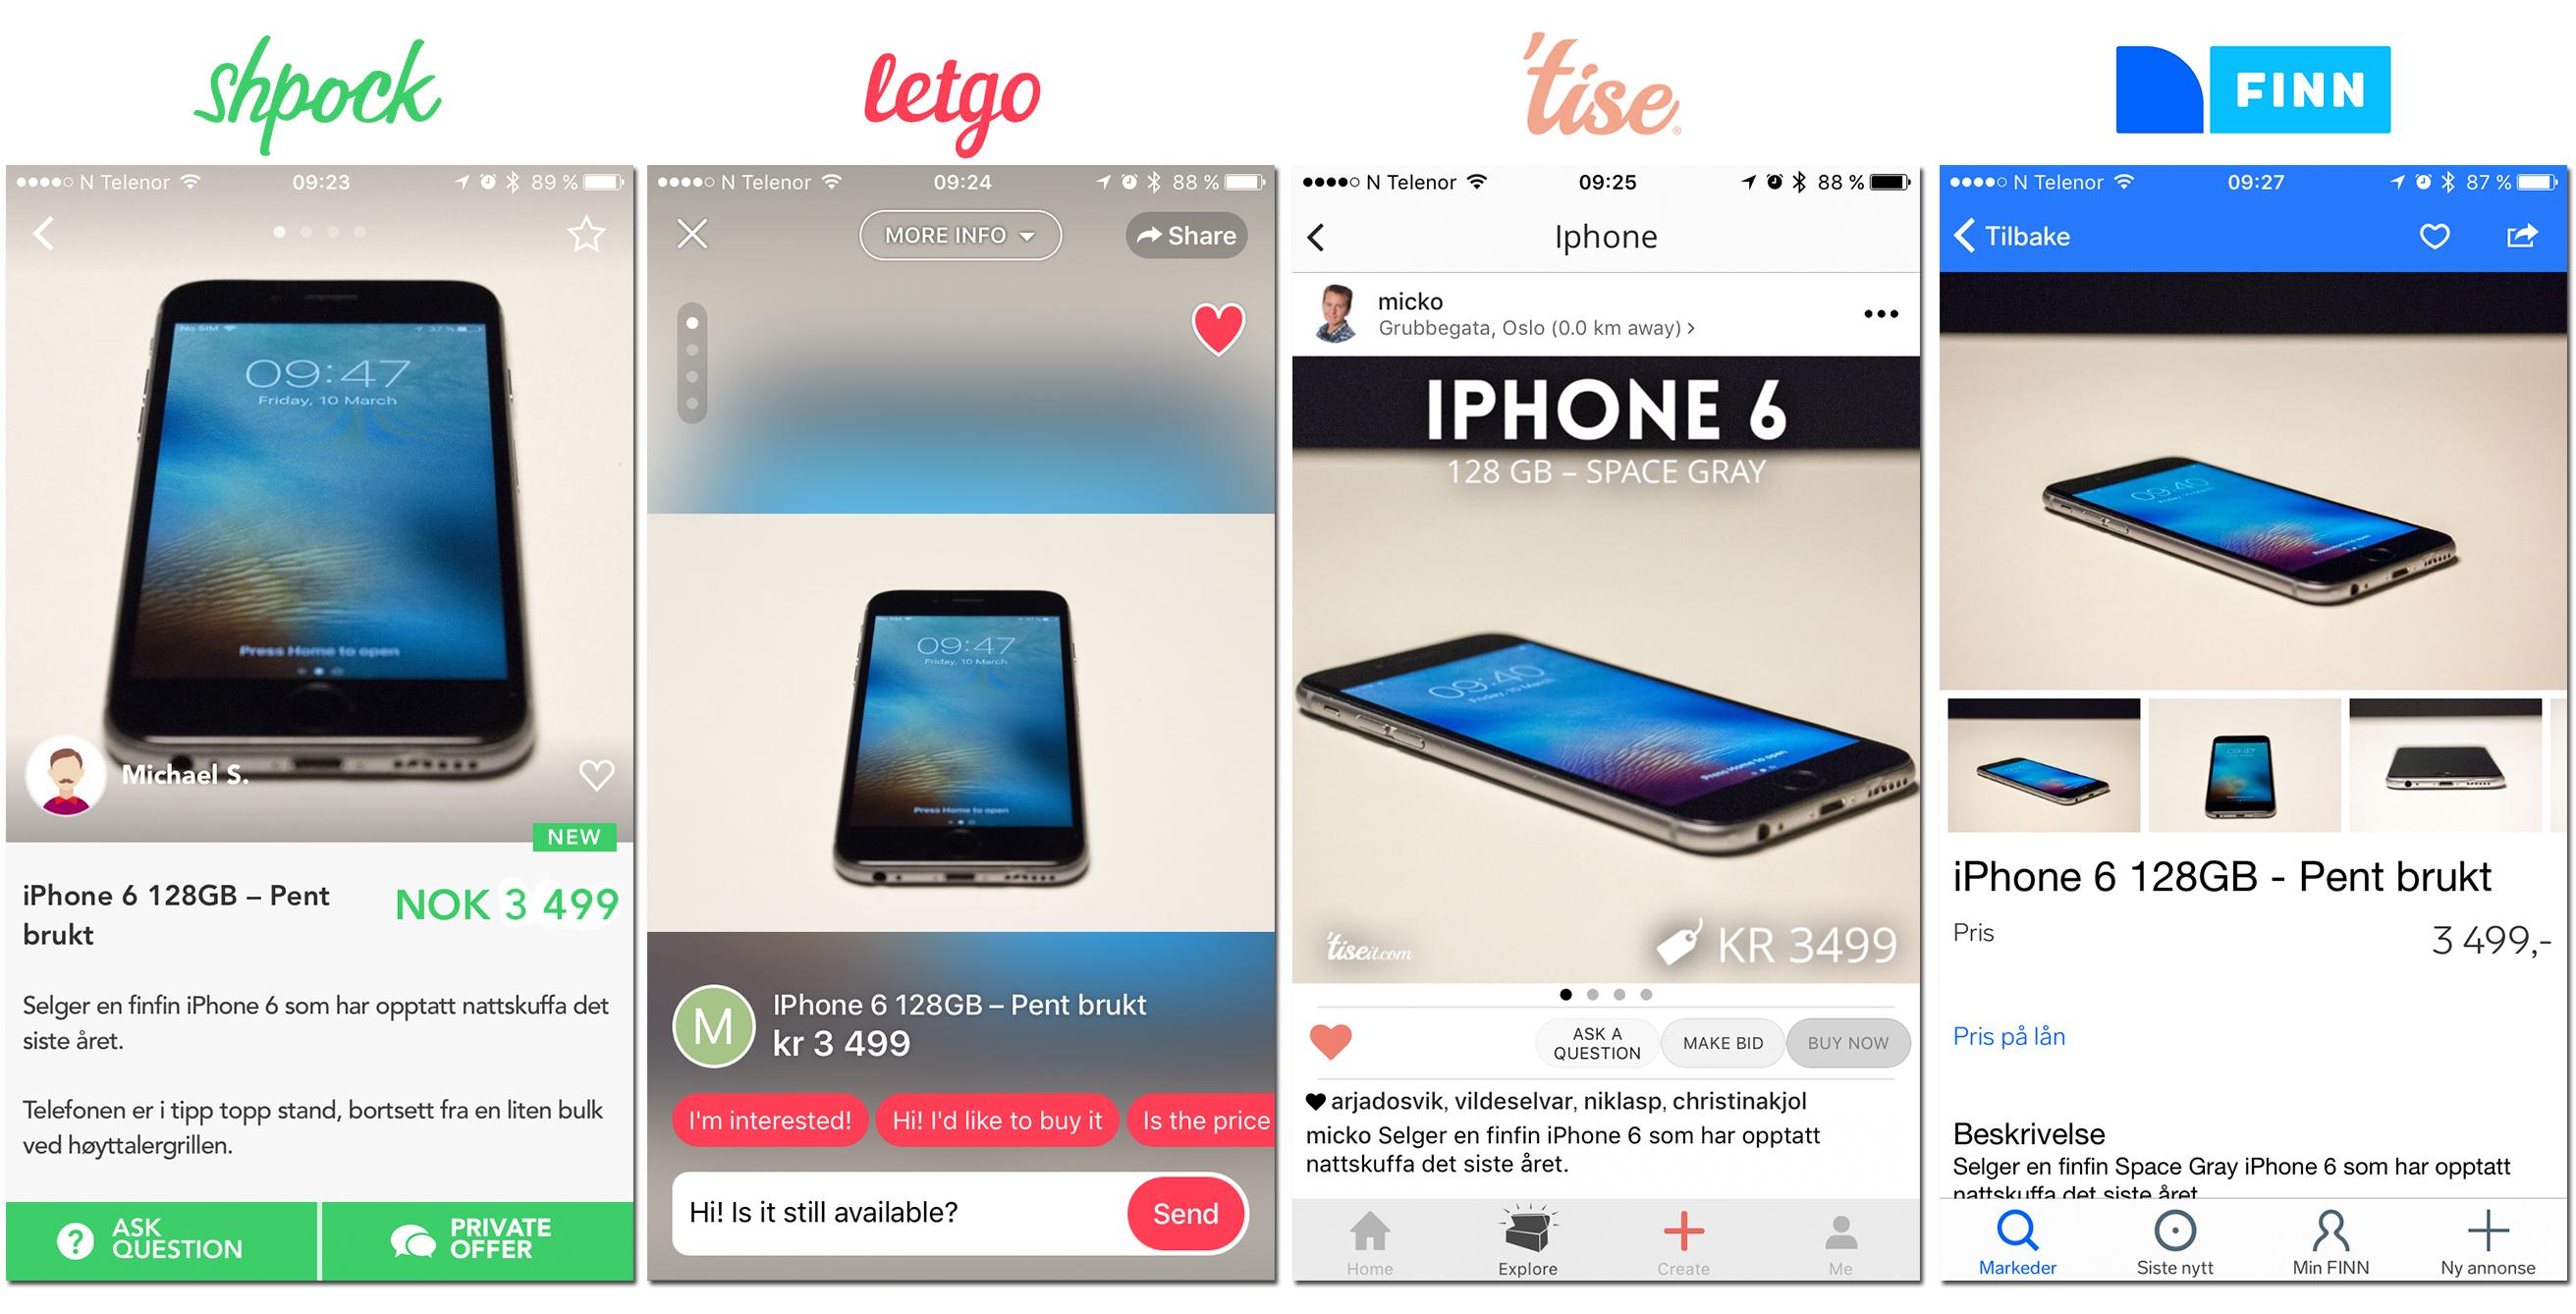 Slik ser det ut inne i annonsene på de forskjellige appene. Vi prøvde også å se hvor vi fikk solgt iPhonen vår først, og ble overrasket.